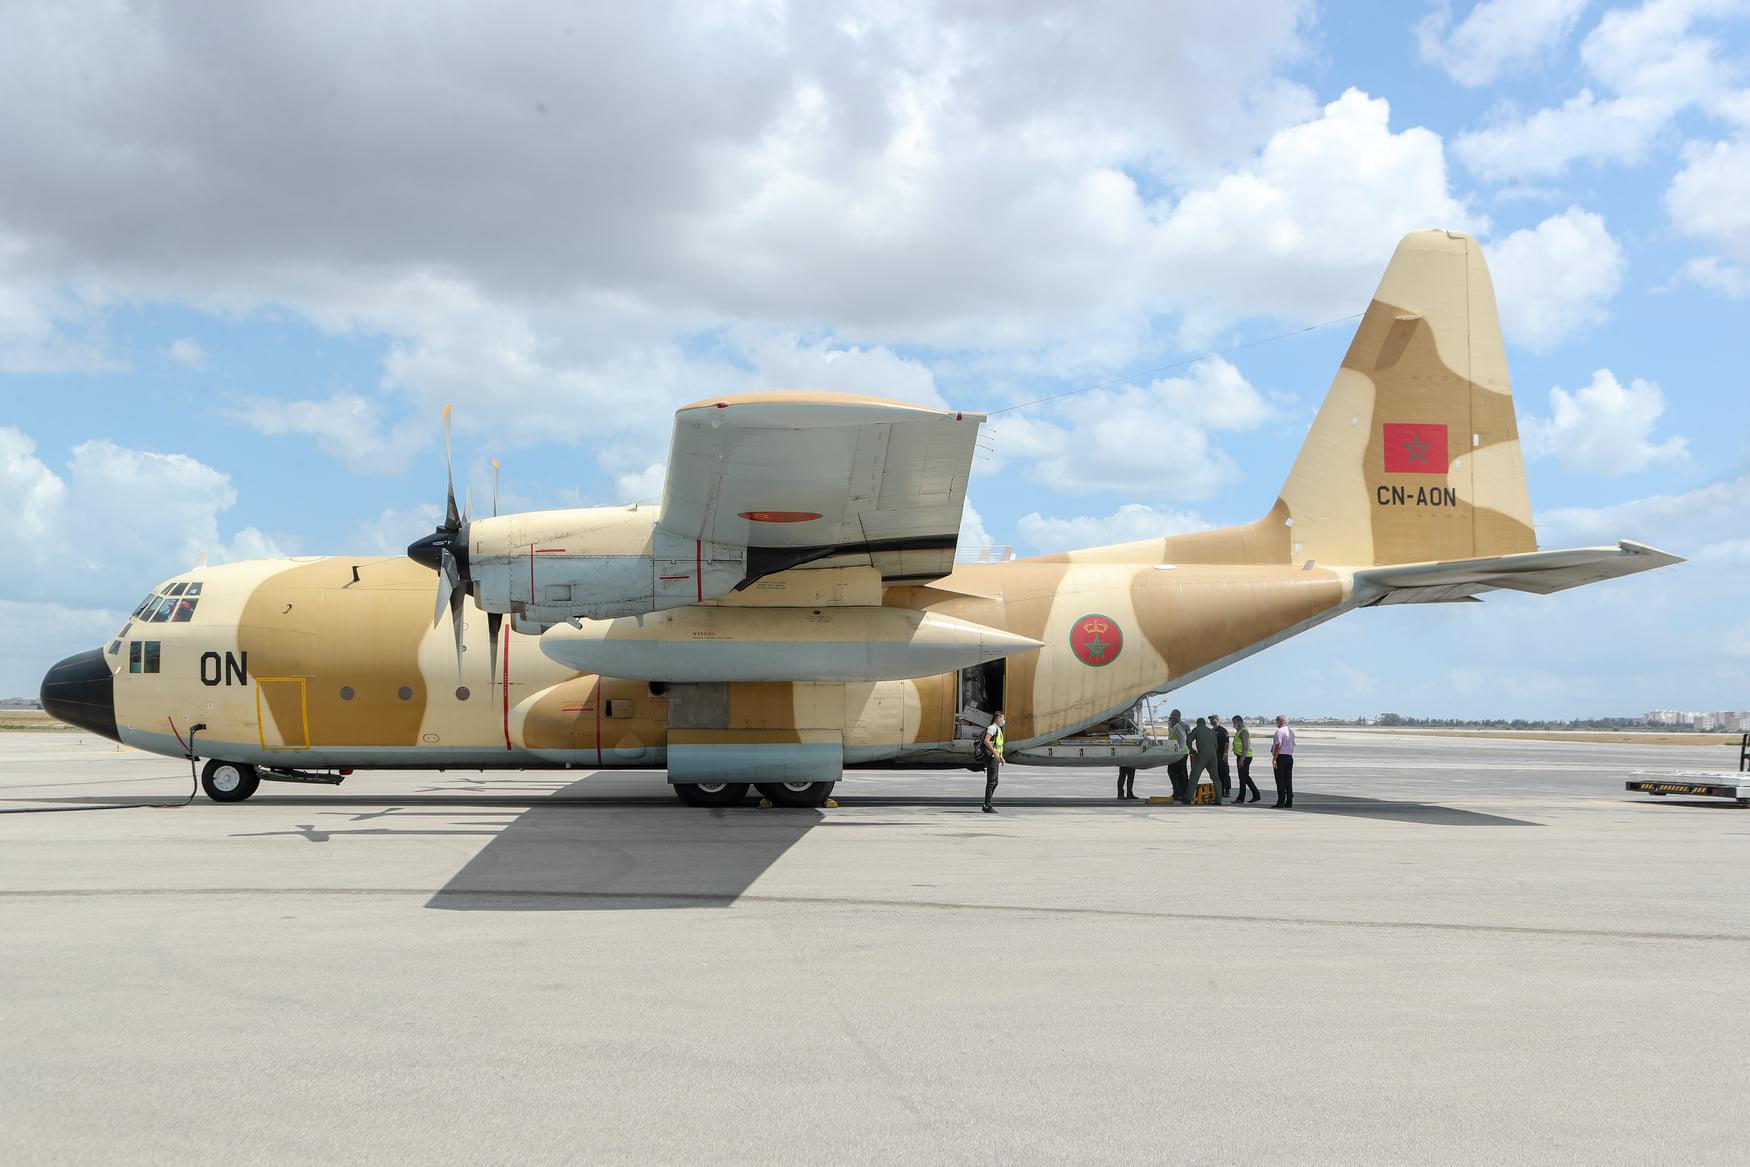 FRA: Photos d'avions de transport - Page 43 Aon11